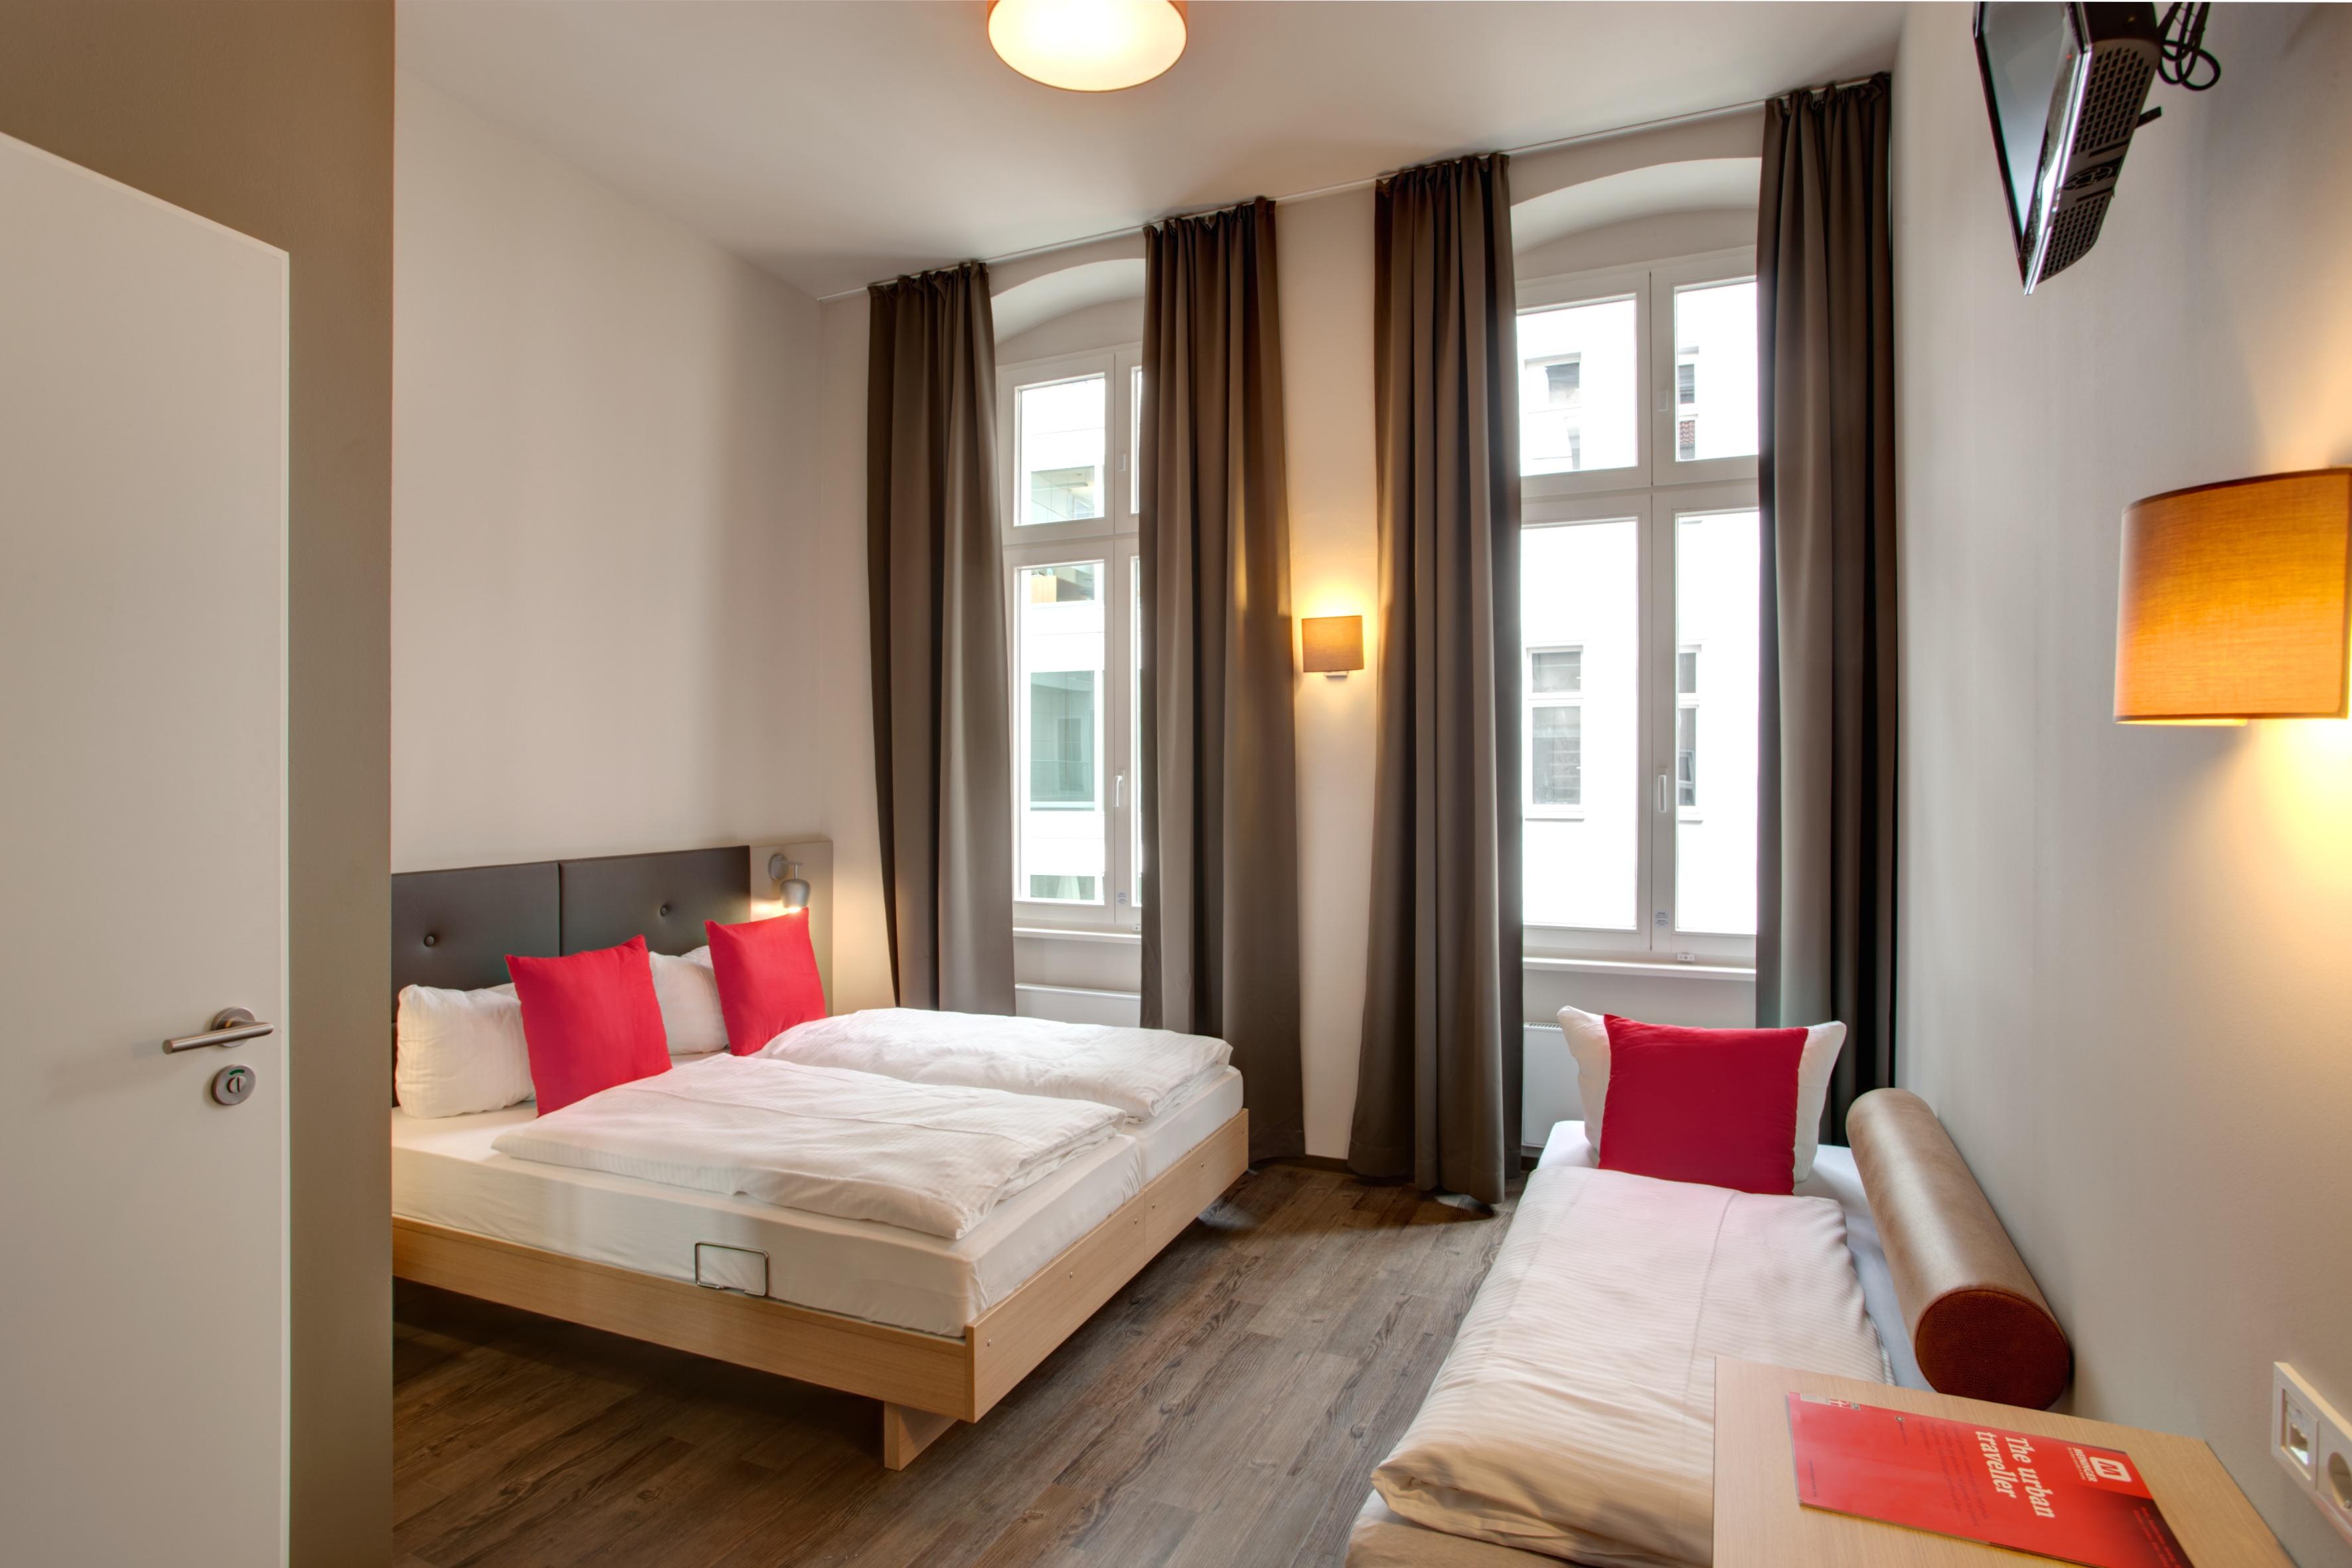 MEININGER Hotel Berlin Mitte - Mehrbettzimmer